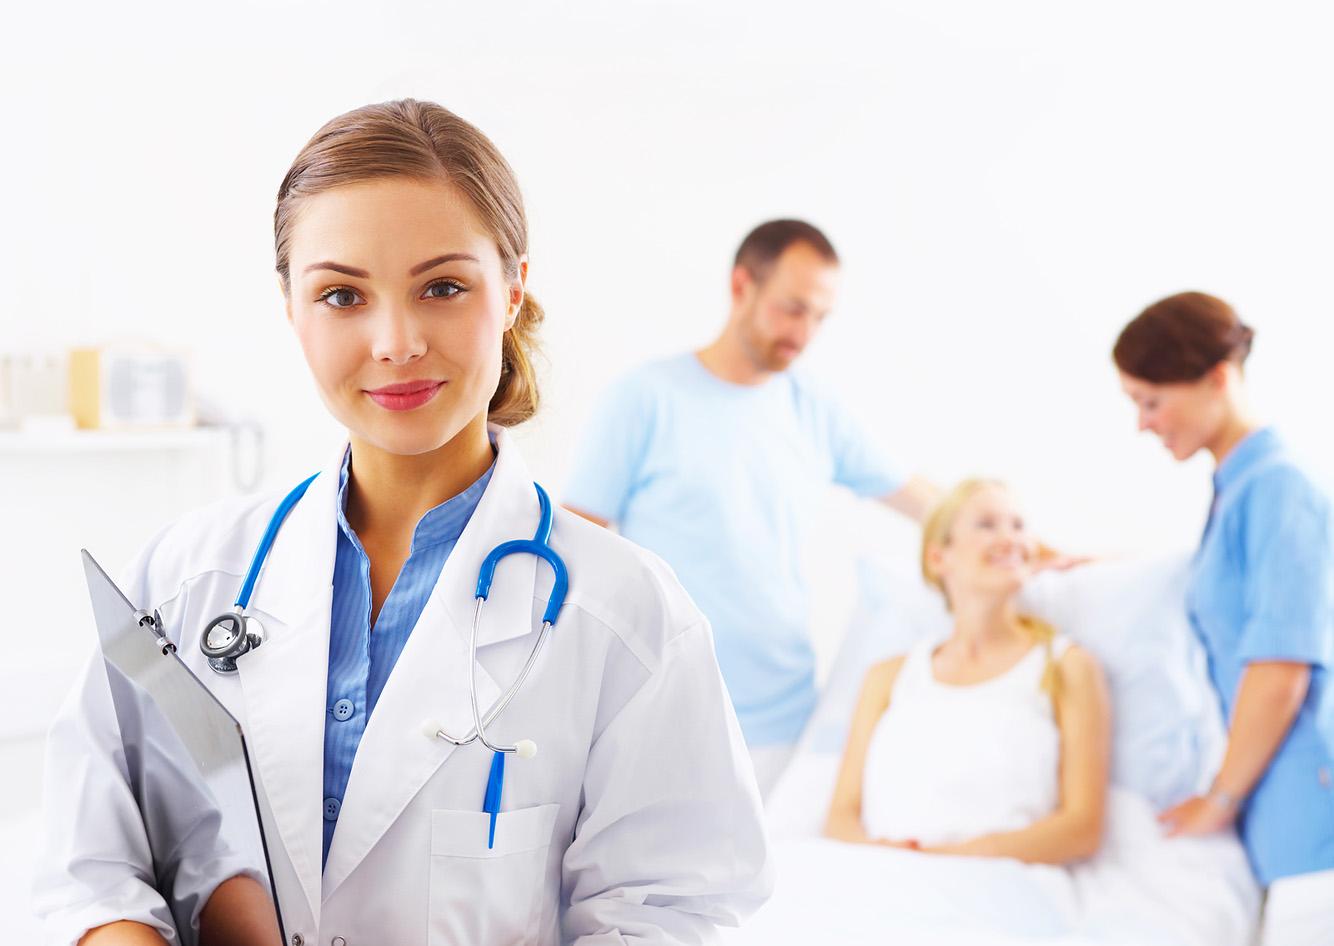 Что у врачей под столом фото 14 фотография